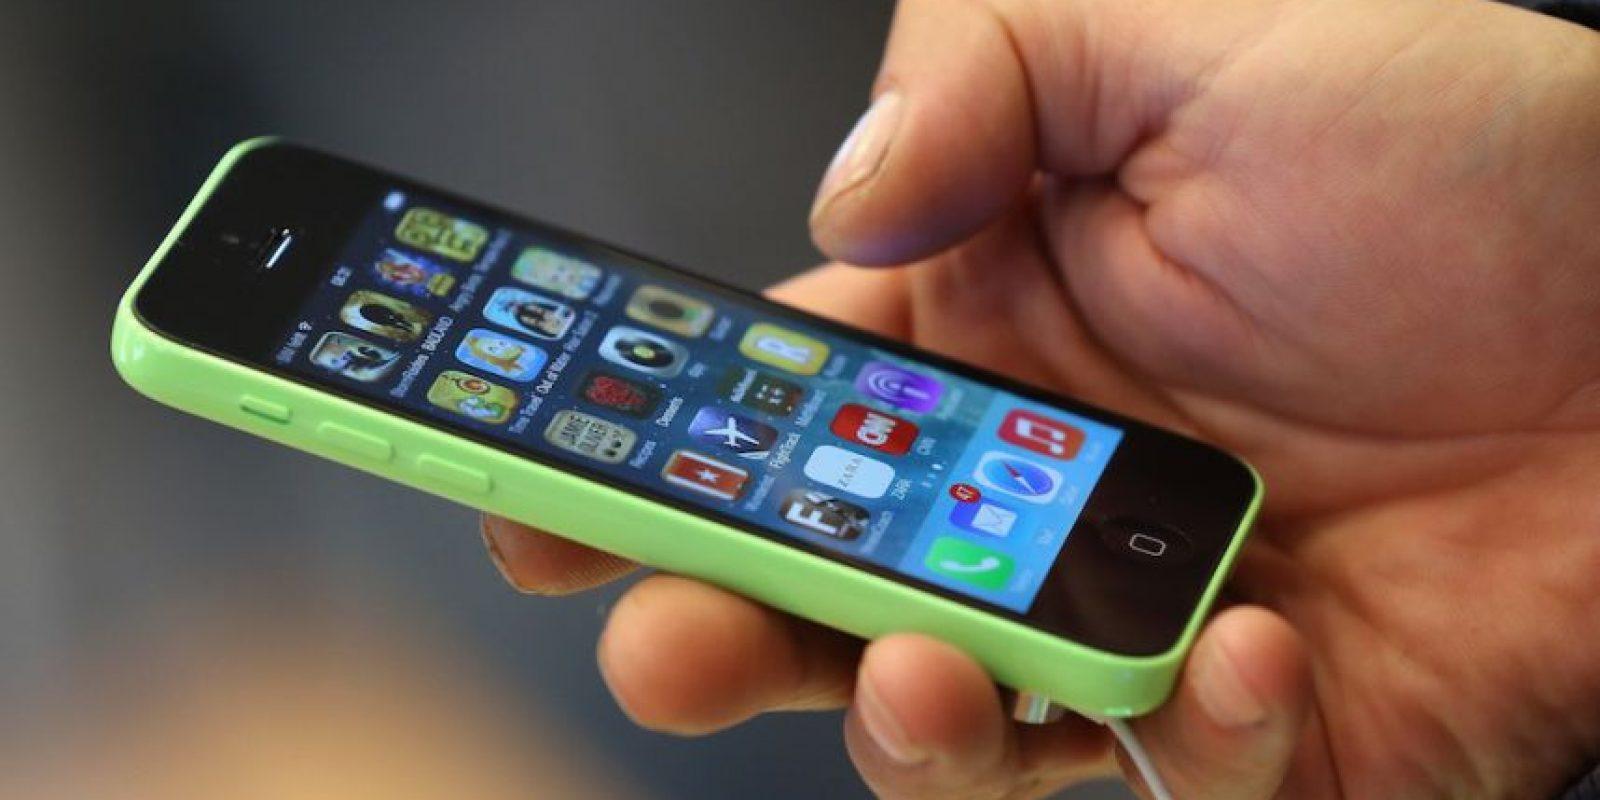 En febrero de 2014, una niña de 14 años de edad sufrió quemaduras de segundo grado a causa de su iPhone 5c. Foto:Getty Images